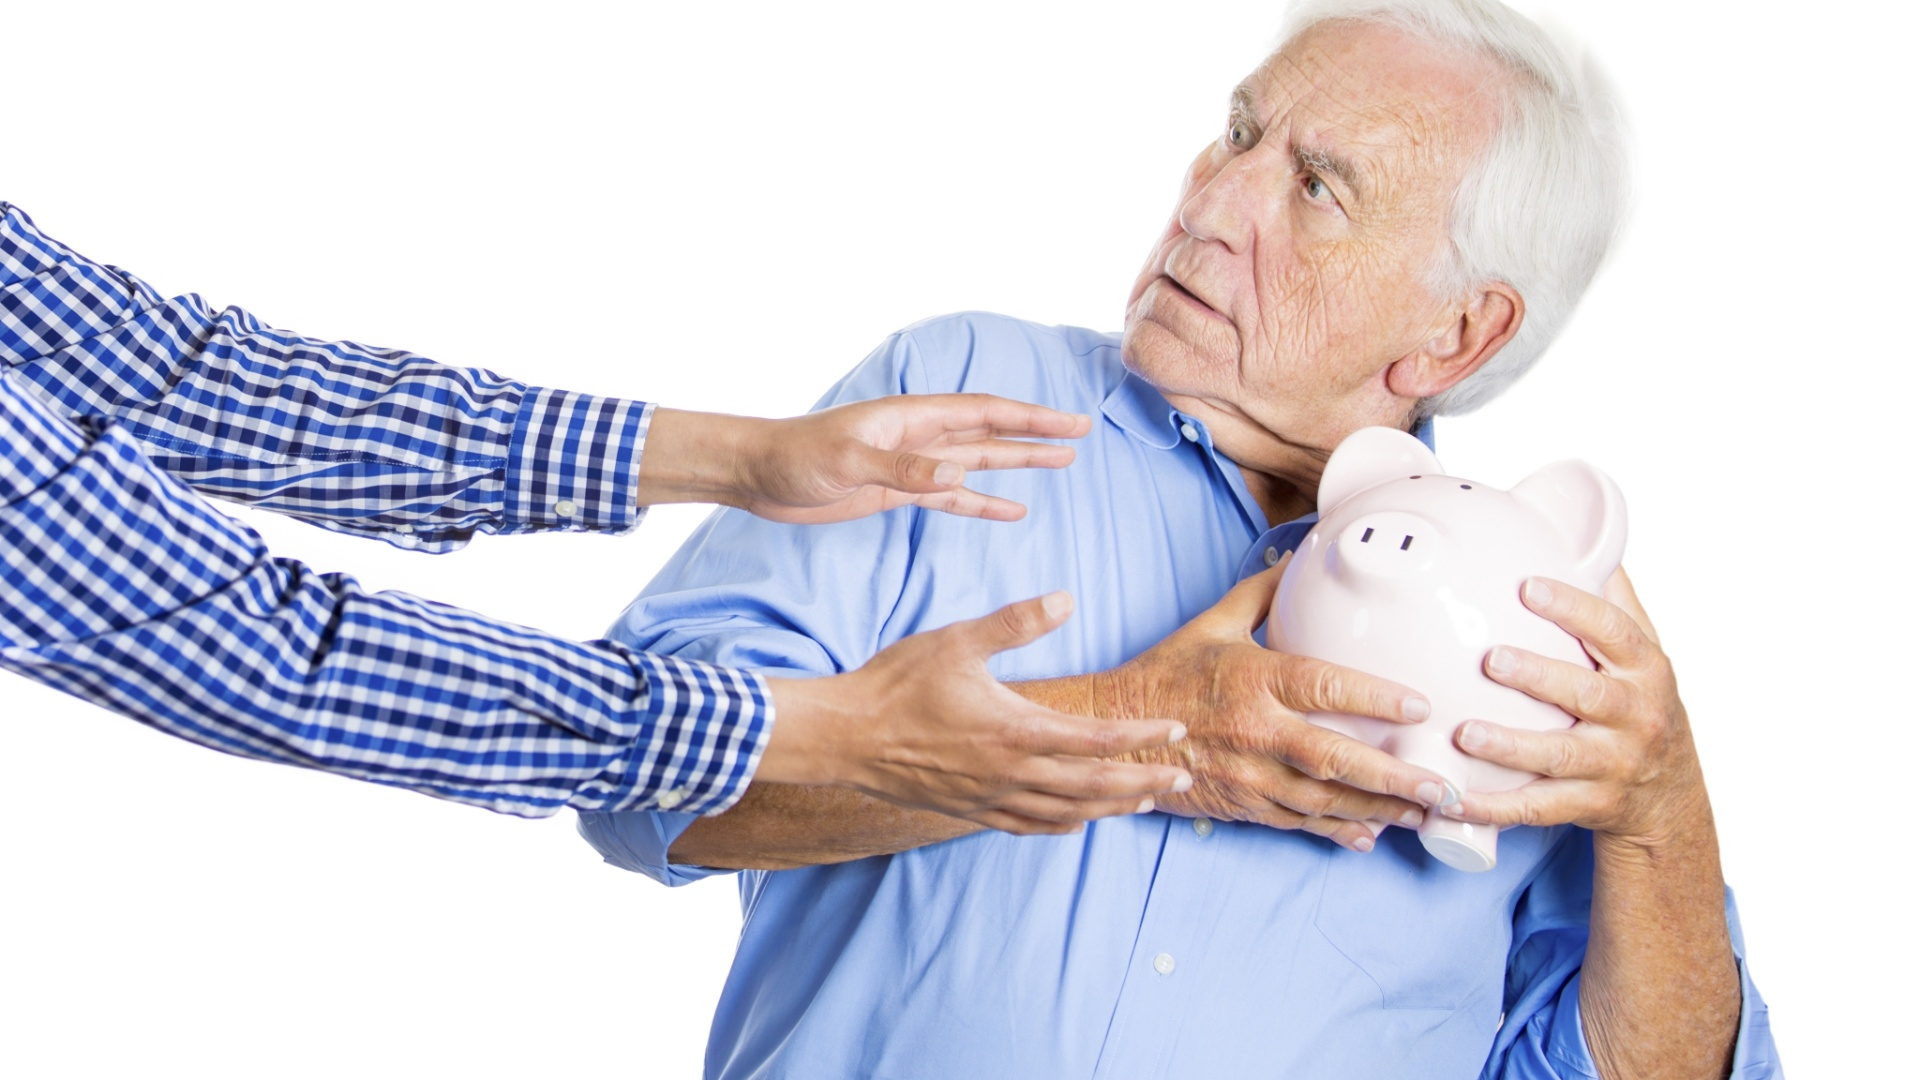 Presidente substituto Michel Temer quer que aposentadoria seja só a partir de 70 anos